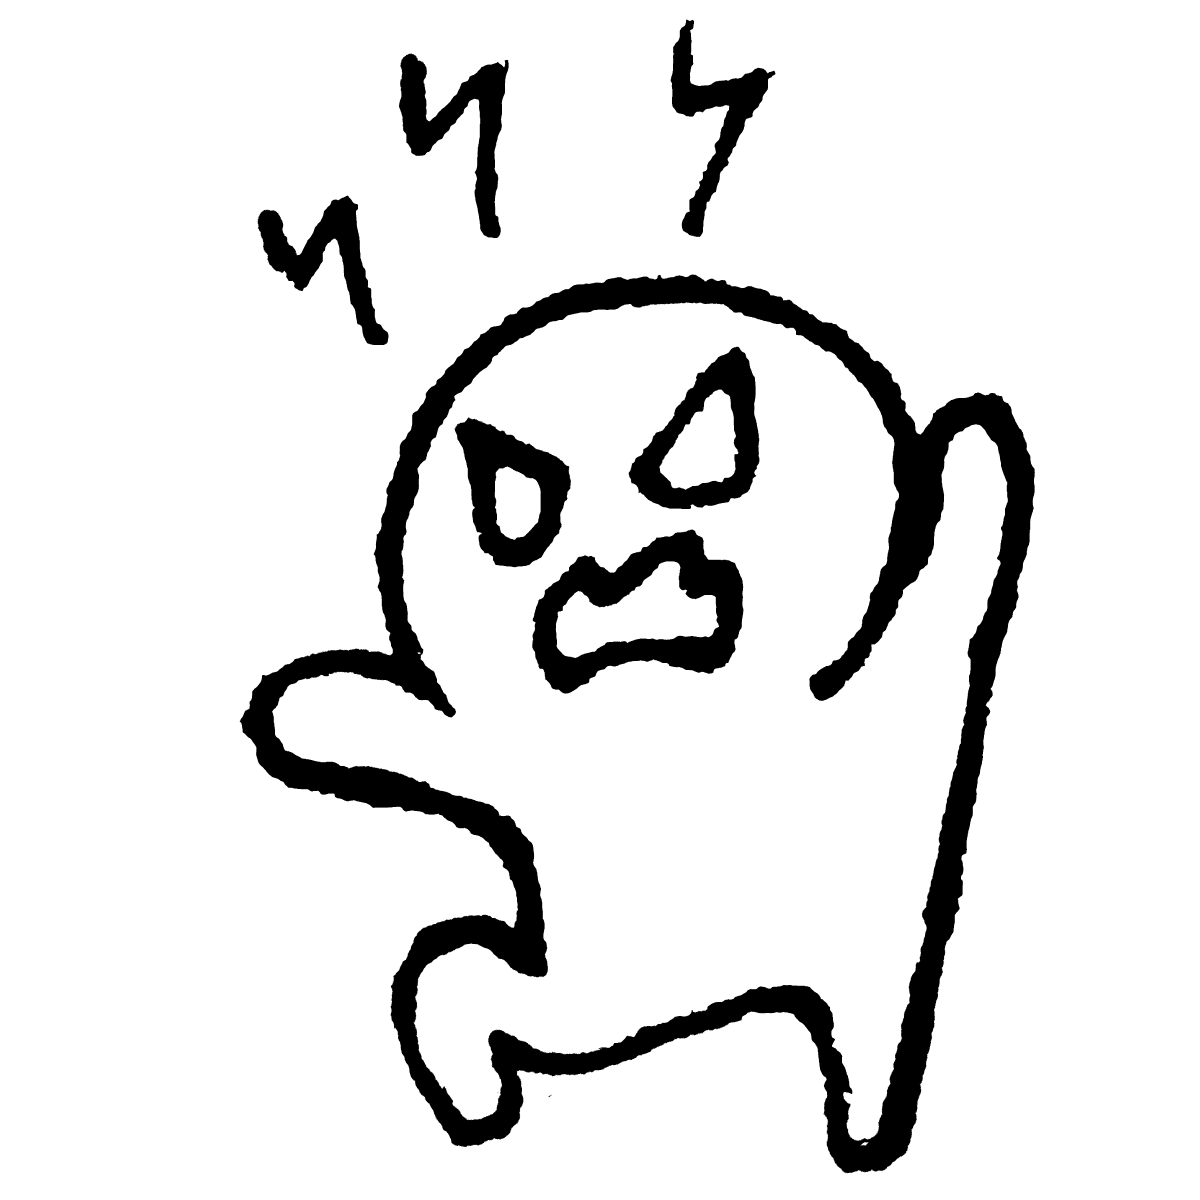 怒る人3のイラスト / Angry 3 Illustration